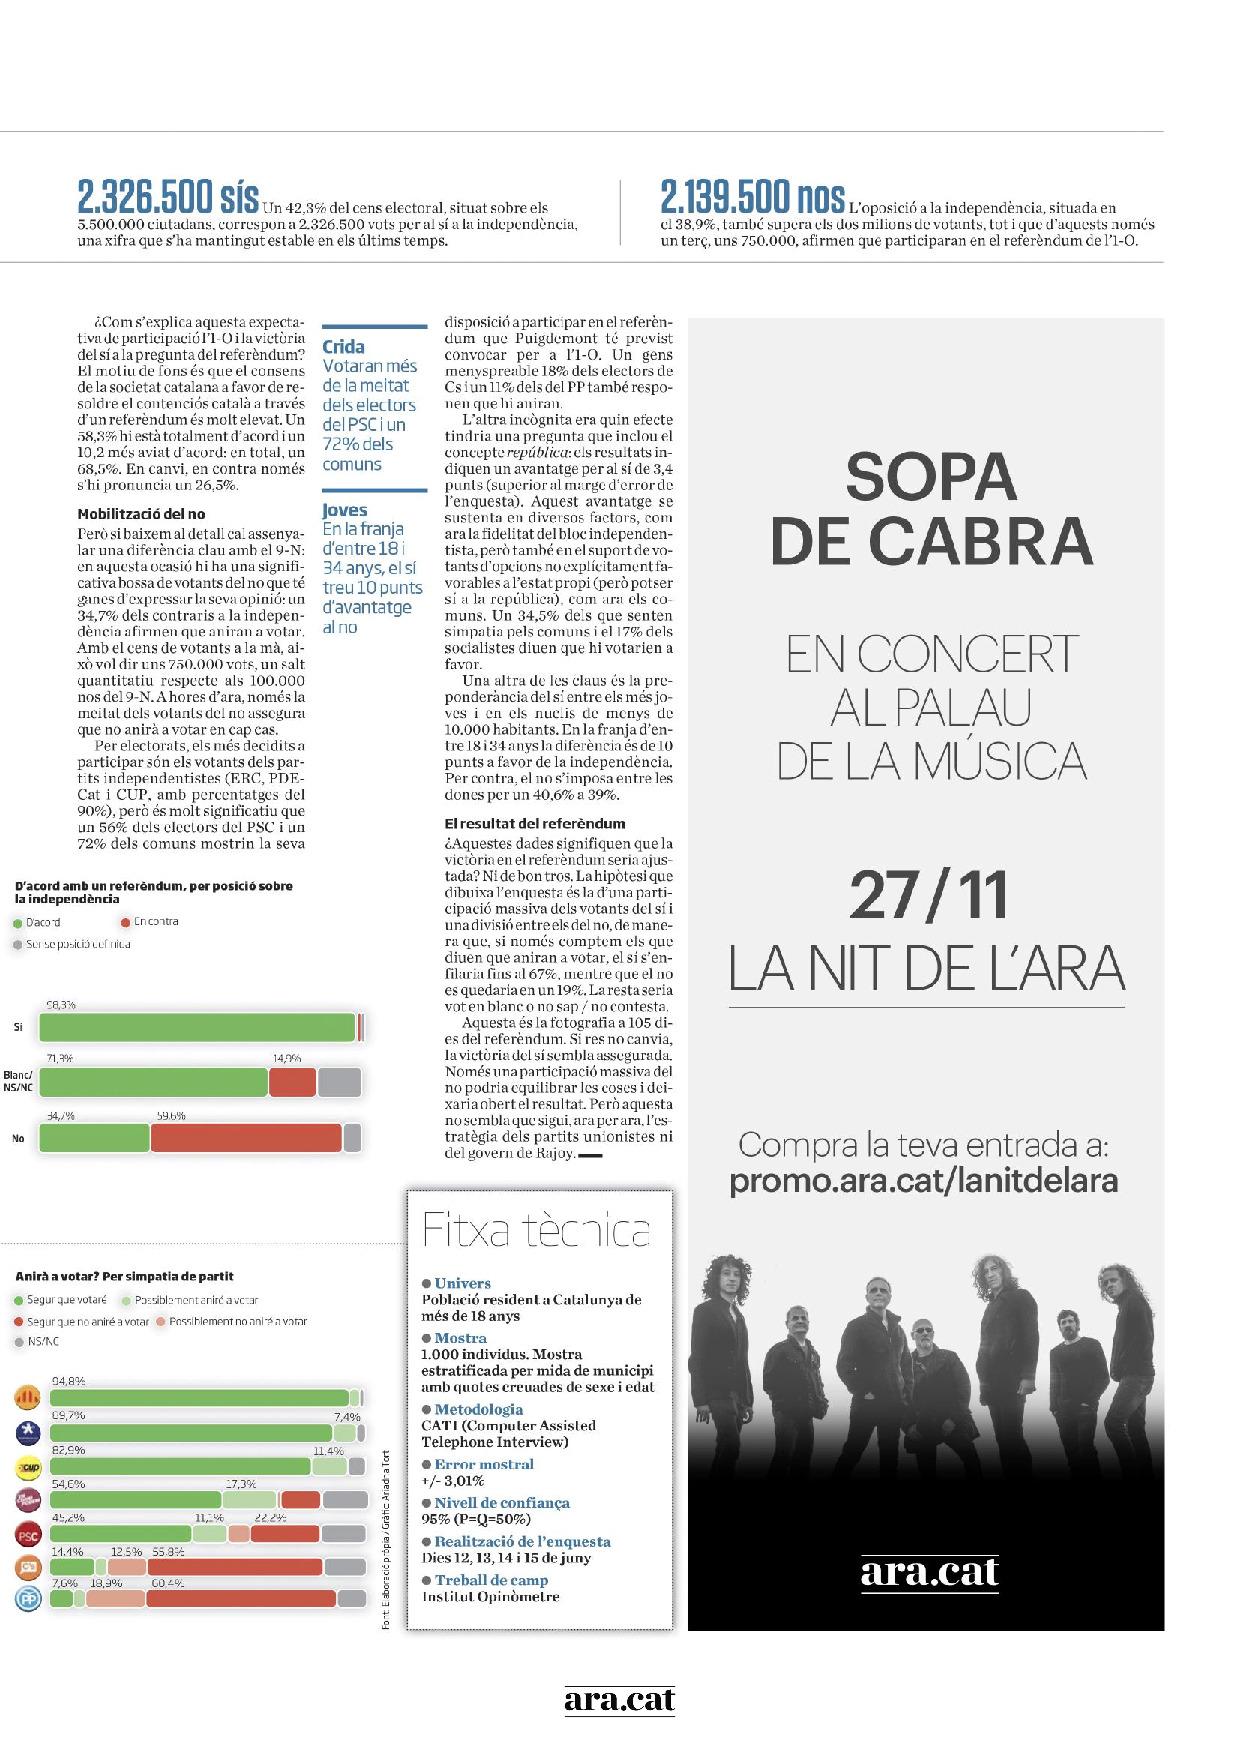 Les enquestes de l'ARA sobre el referèndum 2